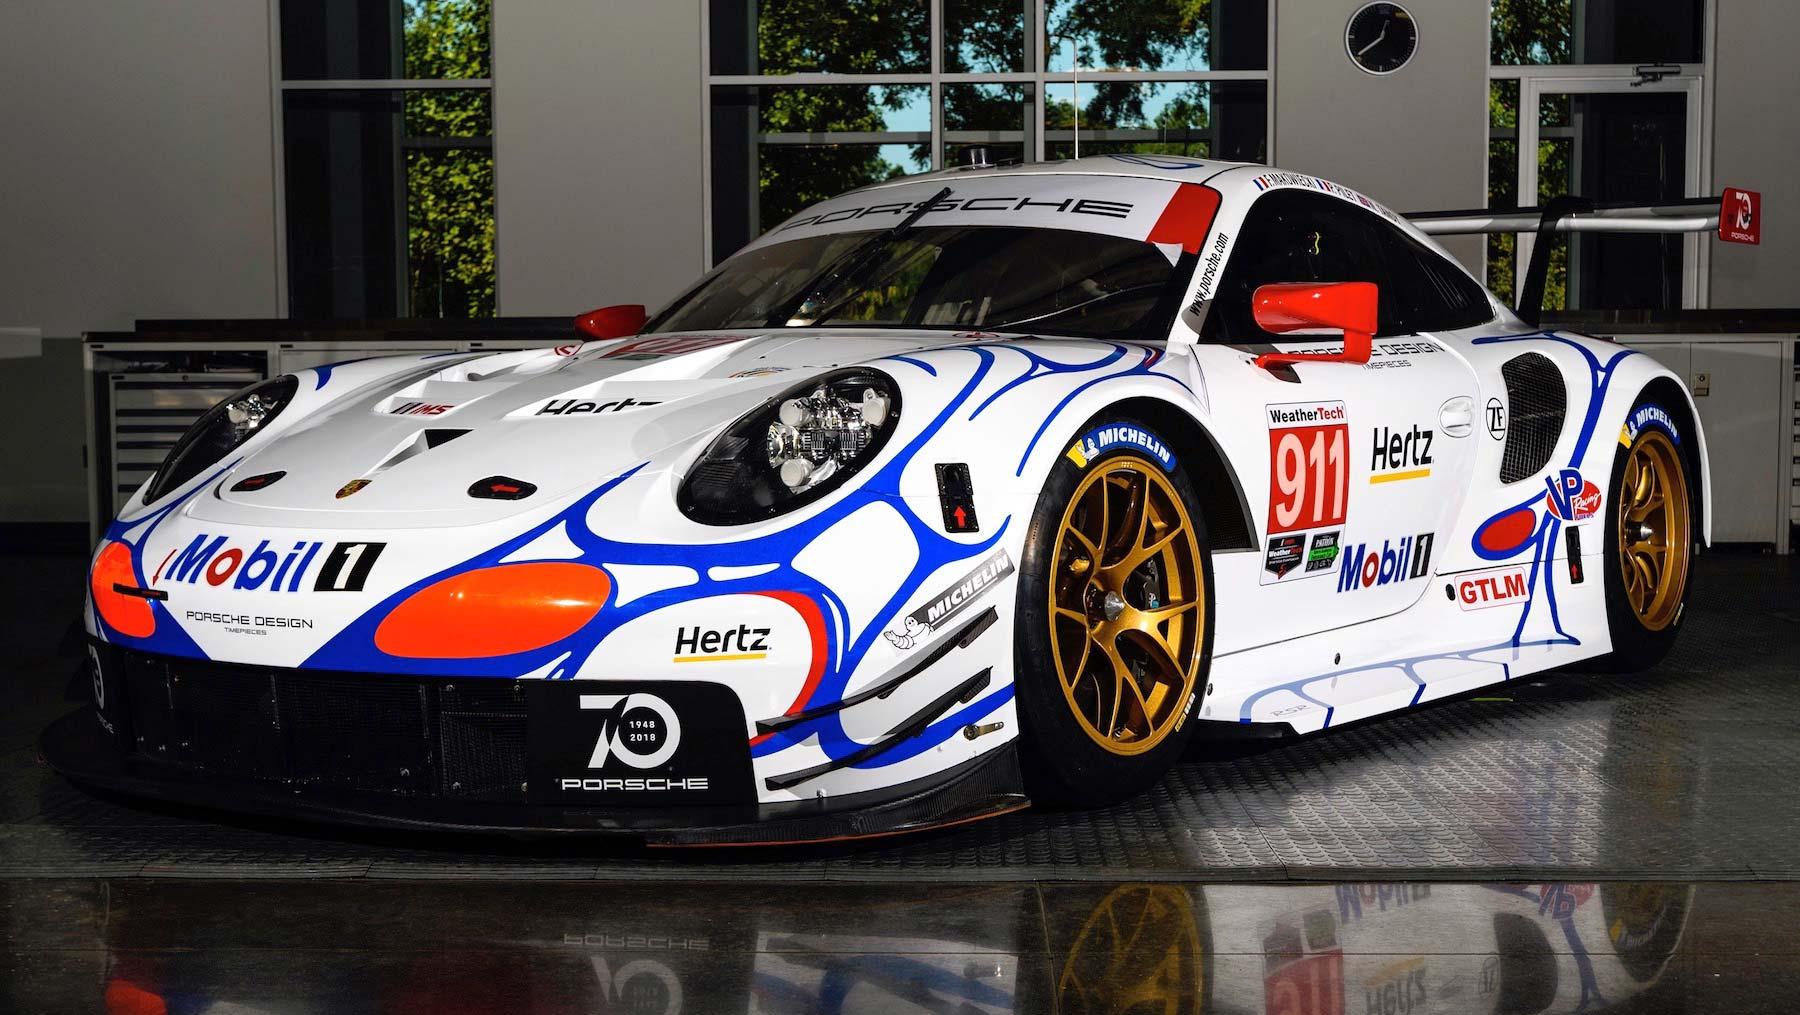 Retro livery Porsche 911 RSR racers 2018 Petit Le Mans